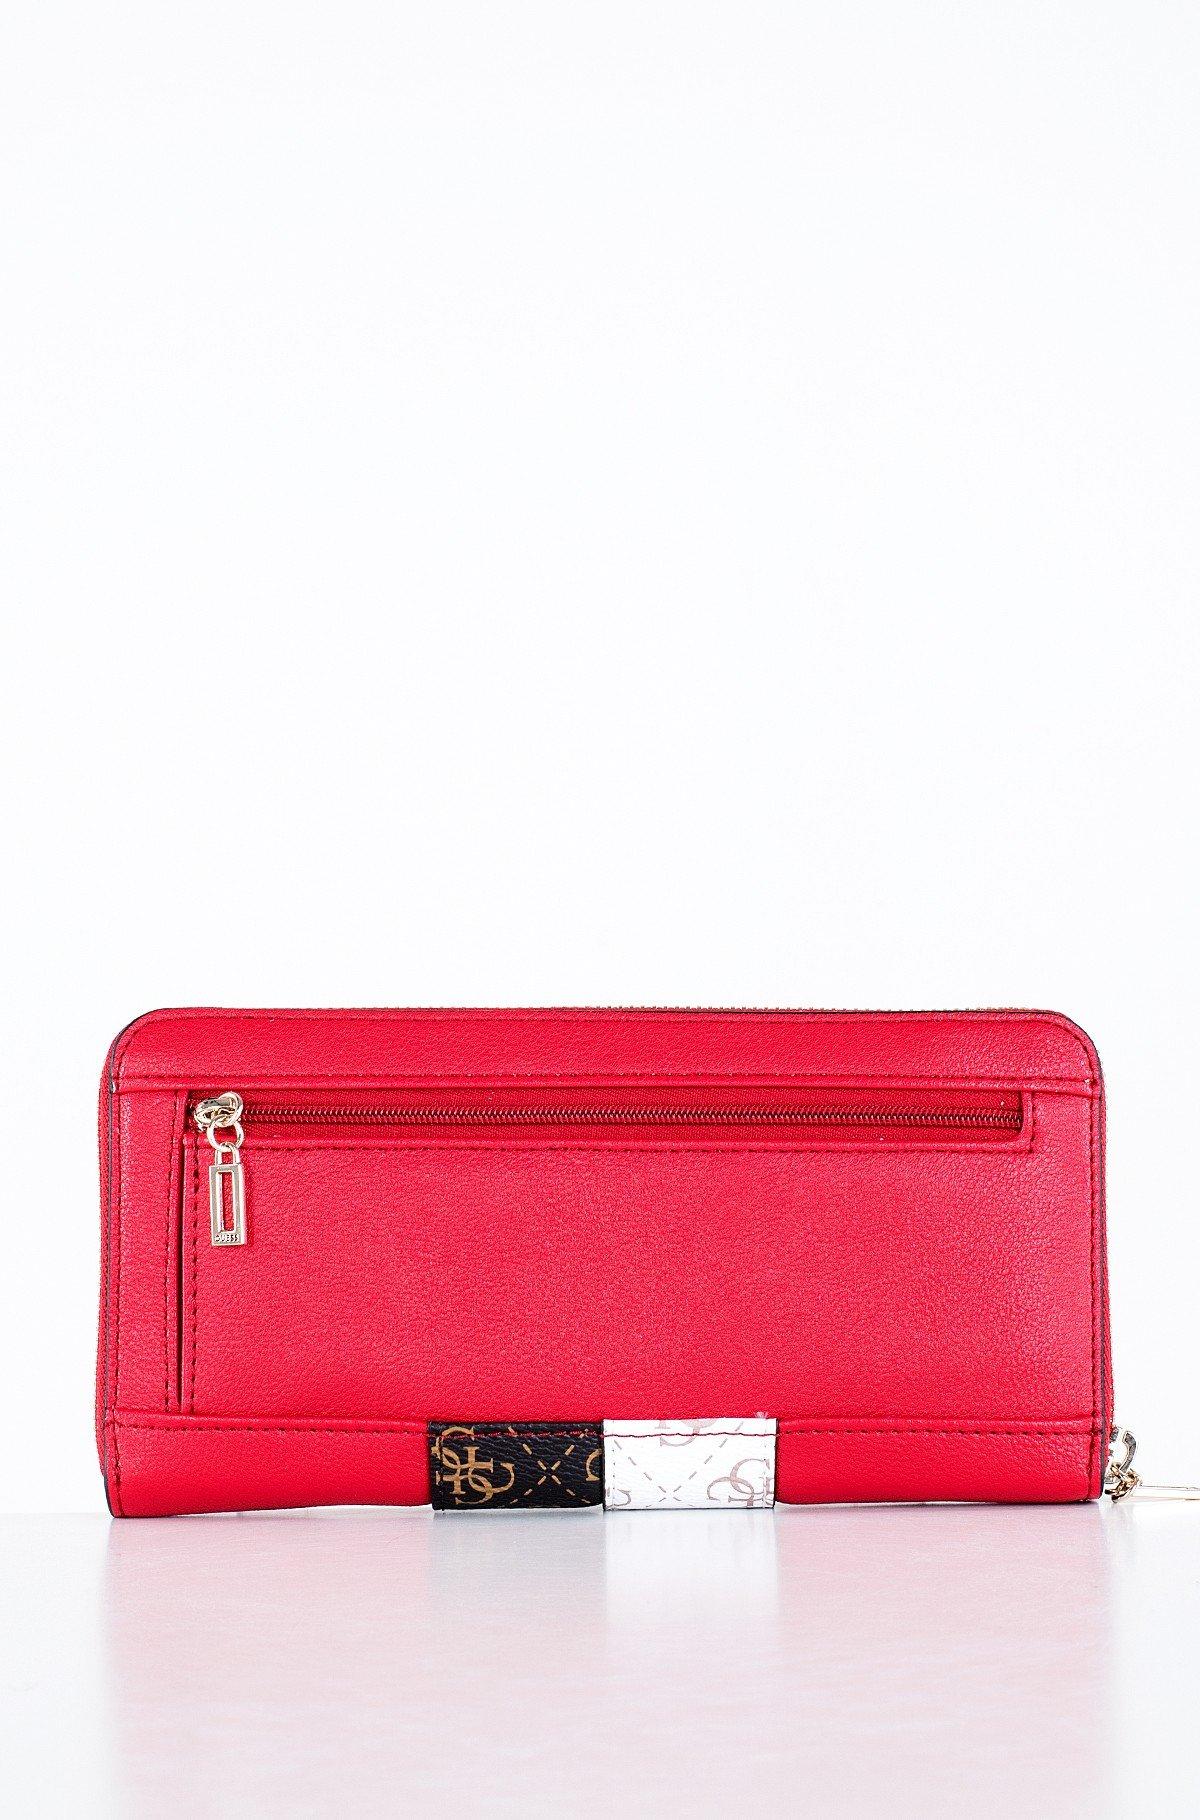 Wallet SWVS78 70460-full-2